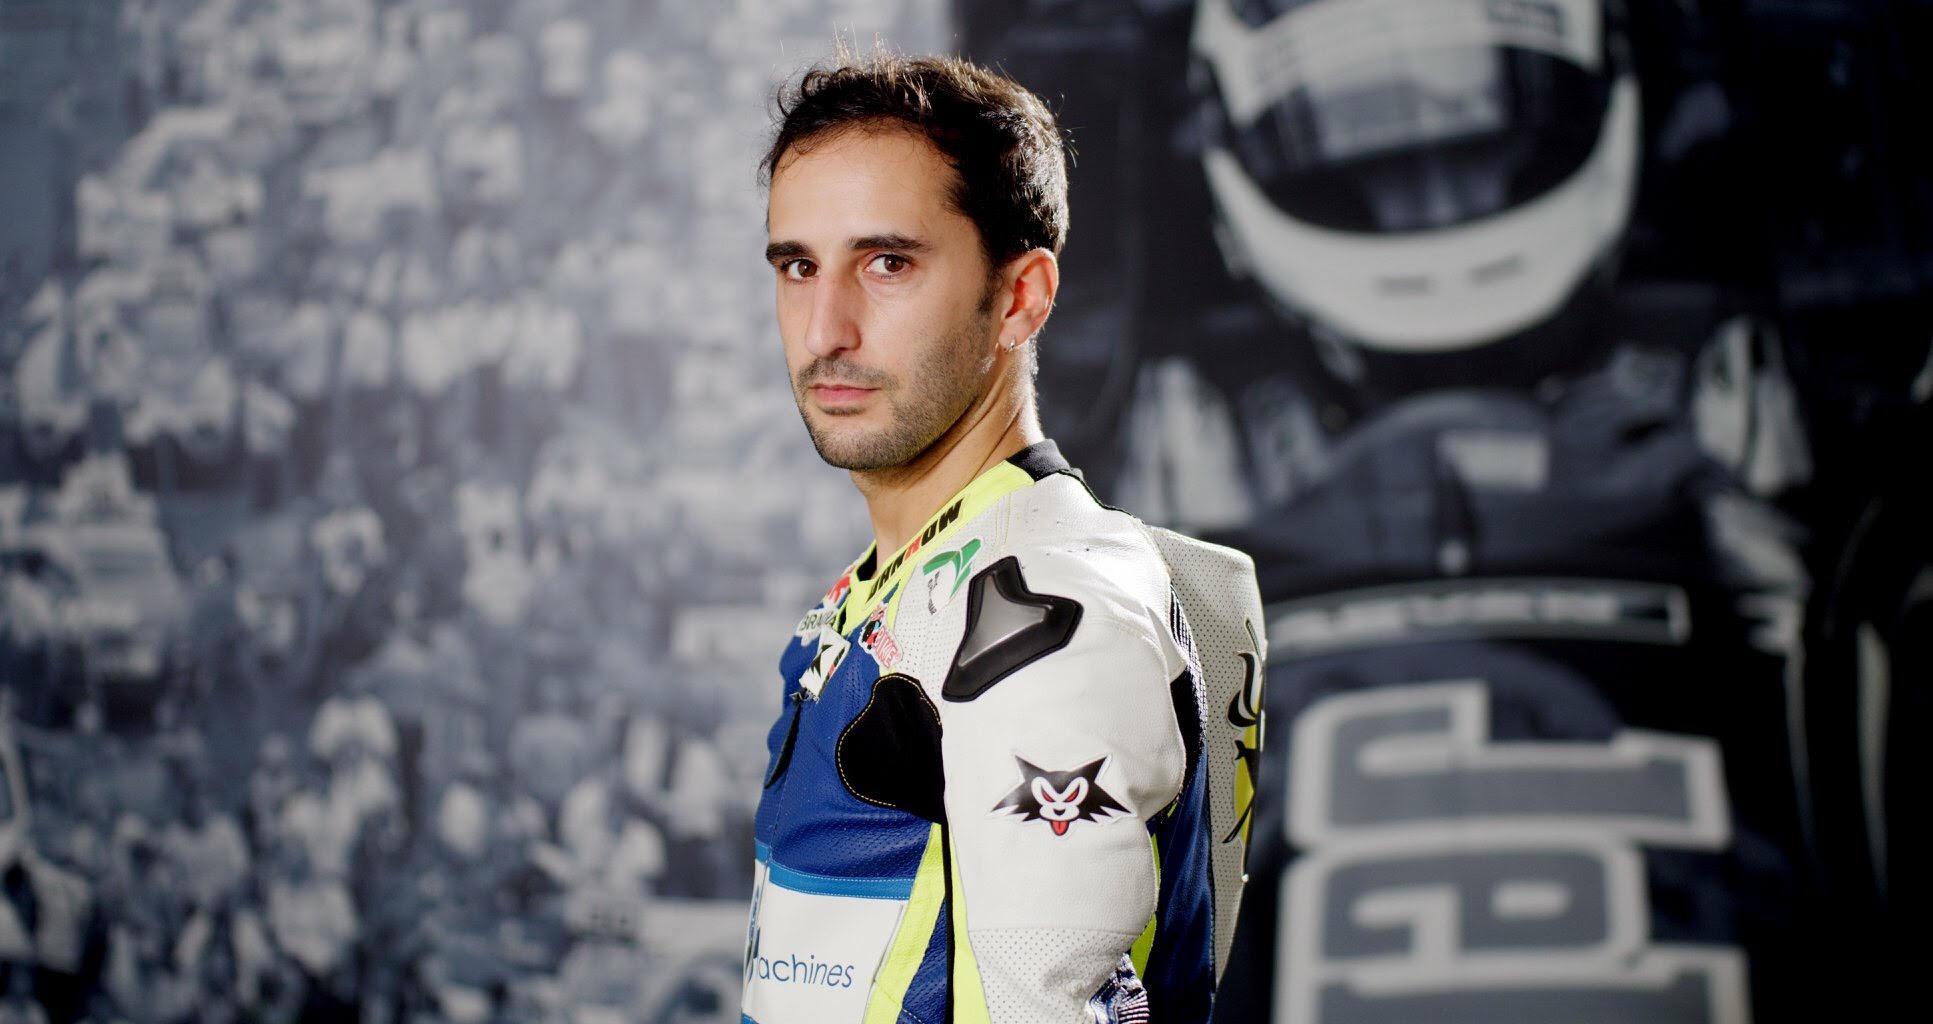 Entrevista fim de época – Nacional de Superbikes – André Pires